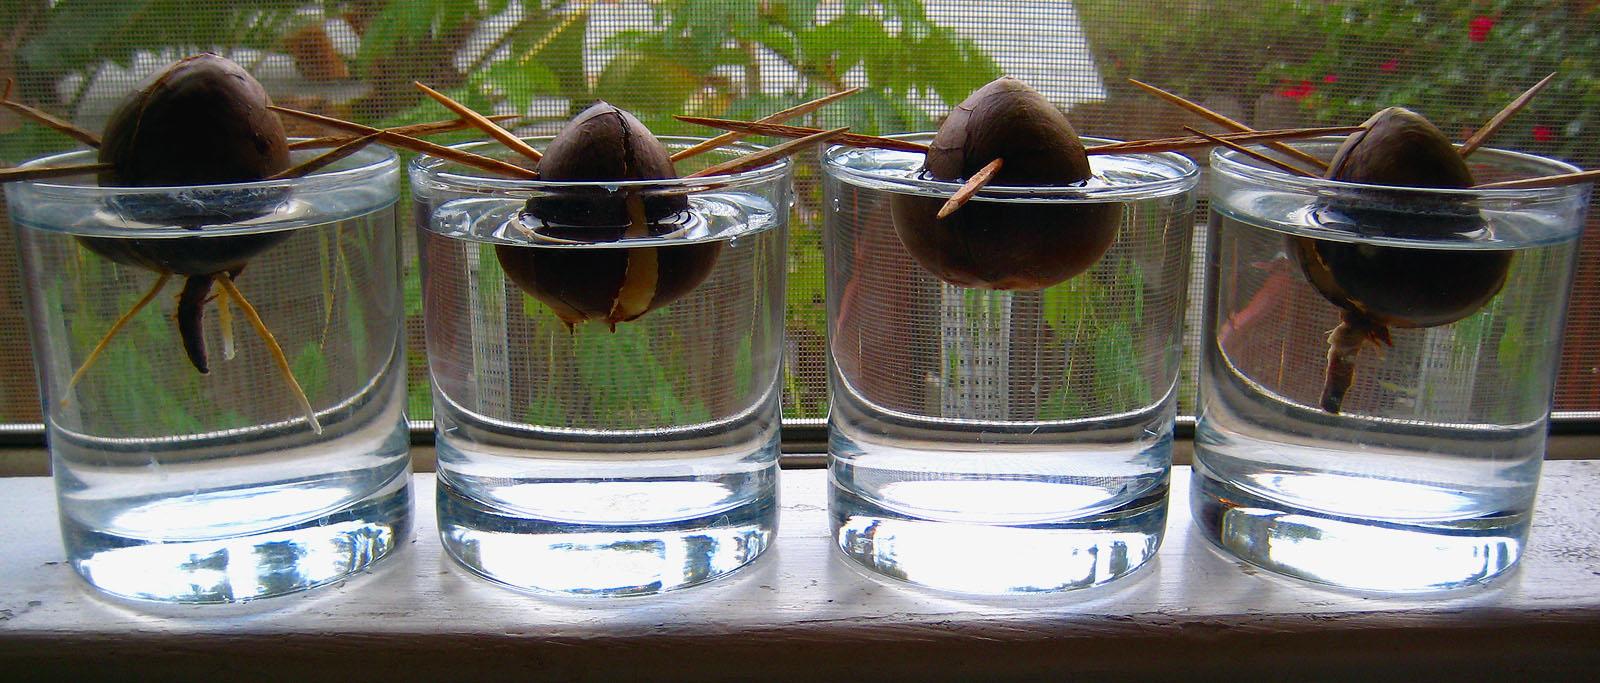 Hibiscus Flowershop Blog: Grow houseplants from kitchen scraps